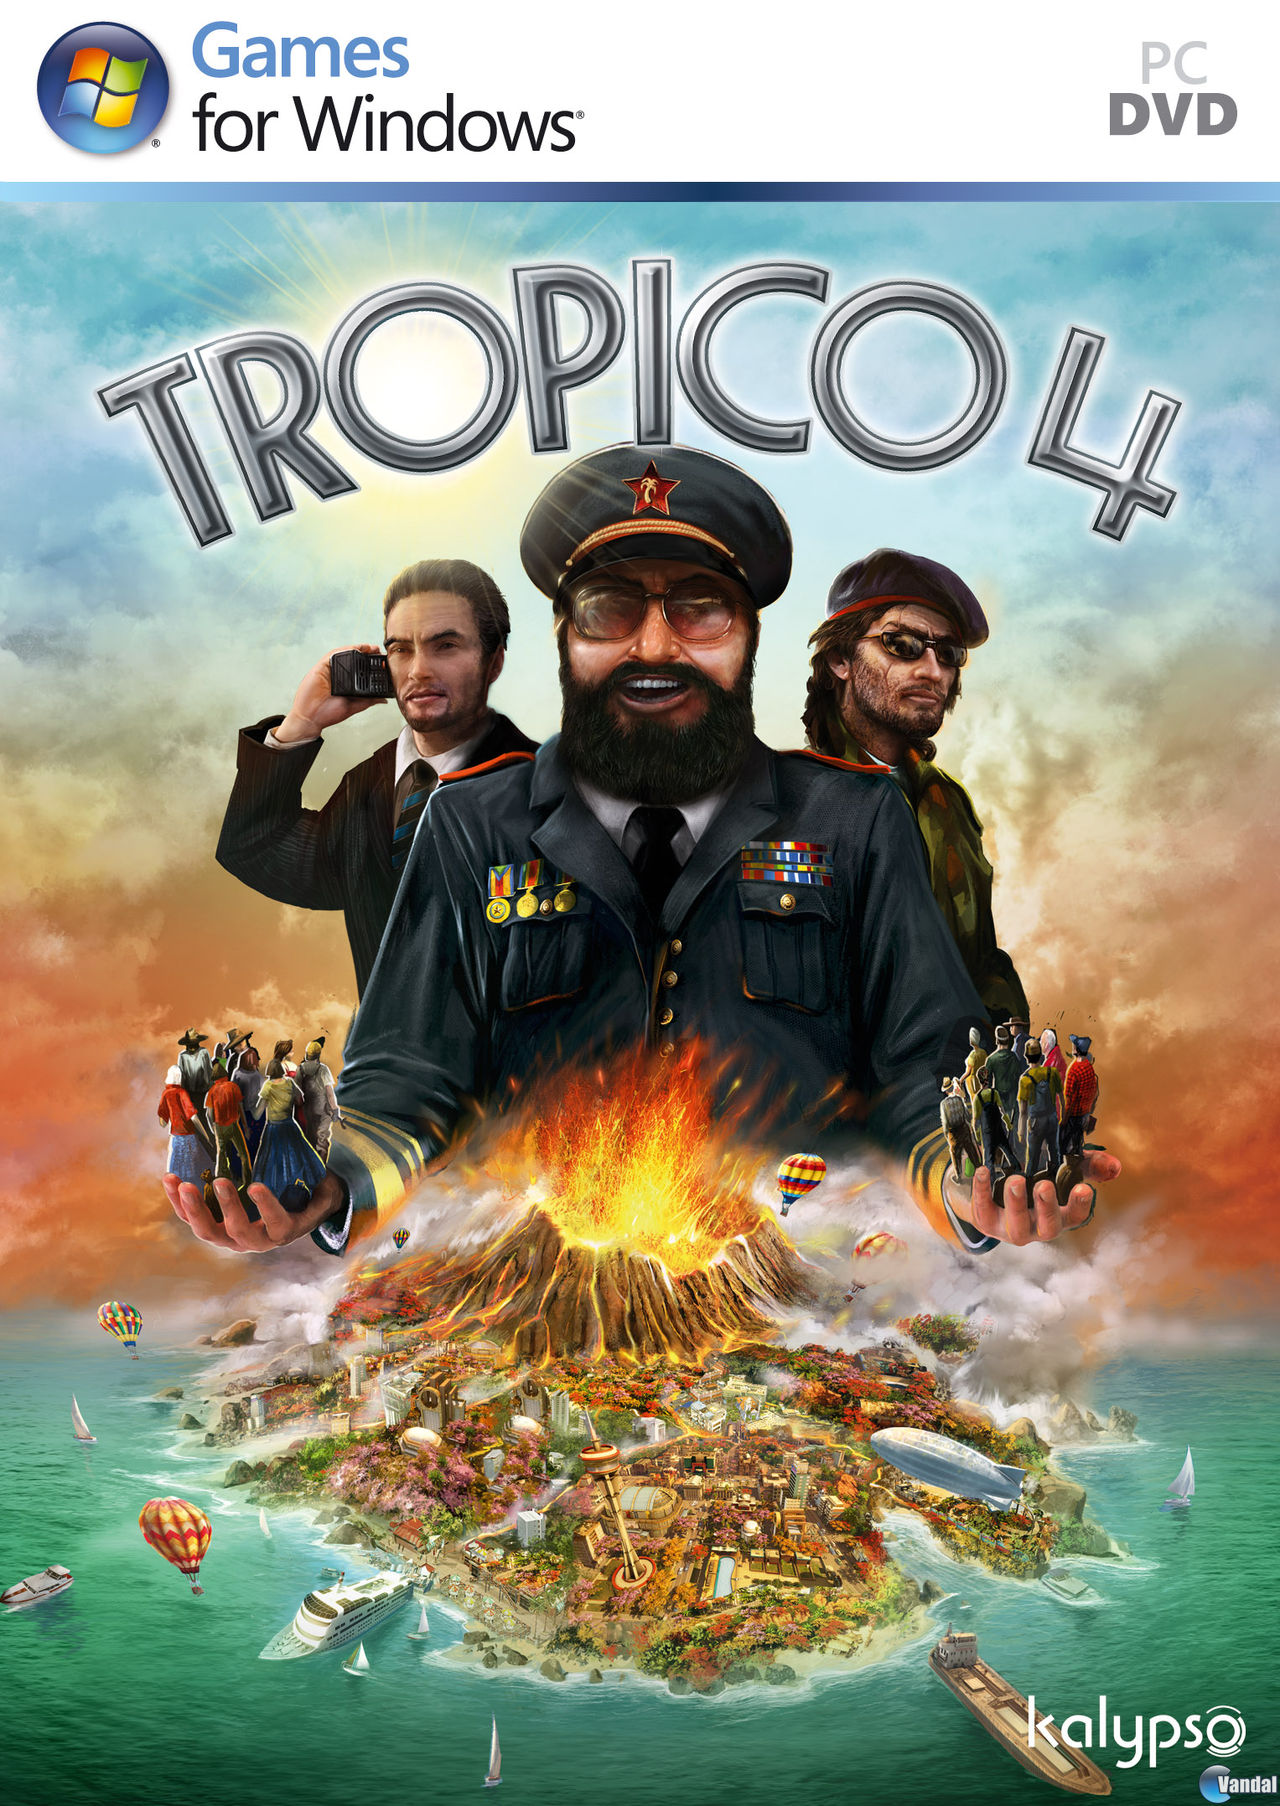 Imagen 6 de Tropico 4 para Ordenador